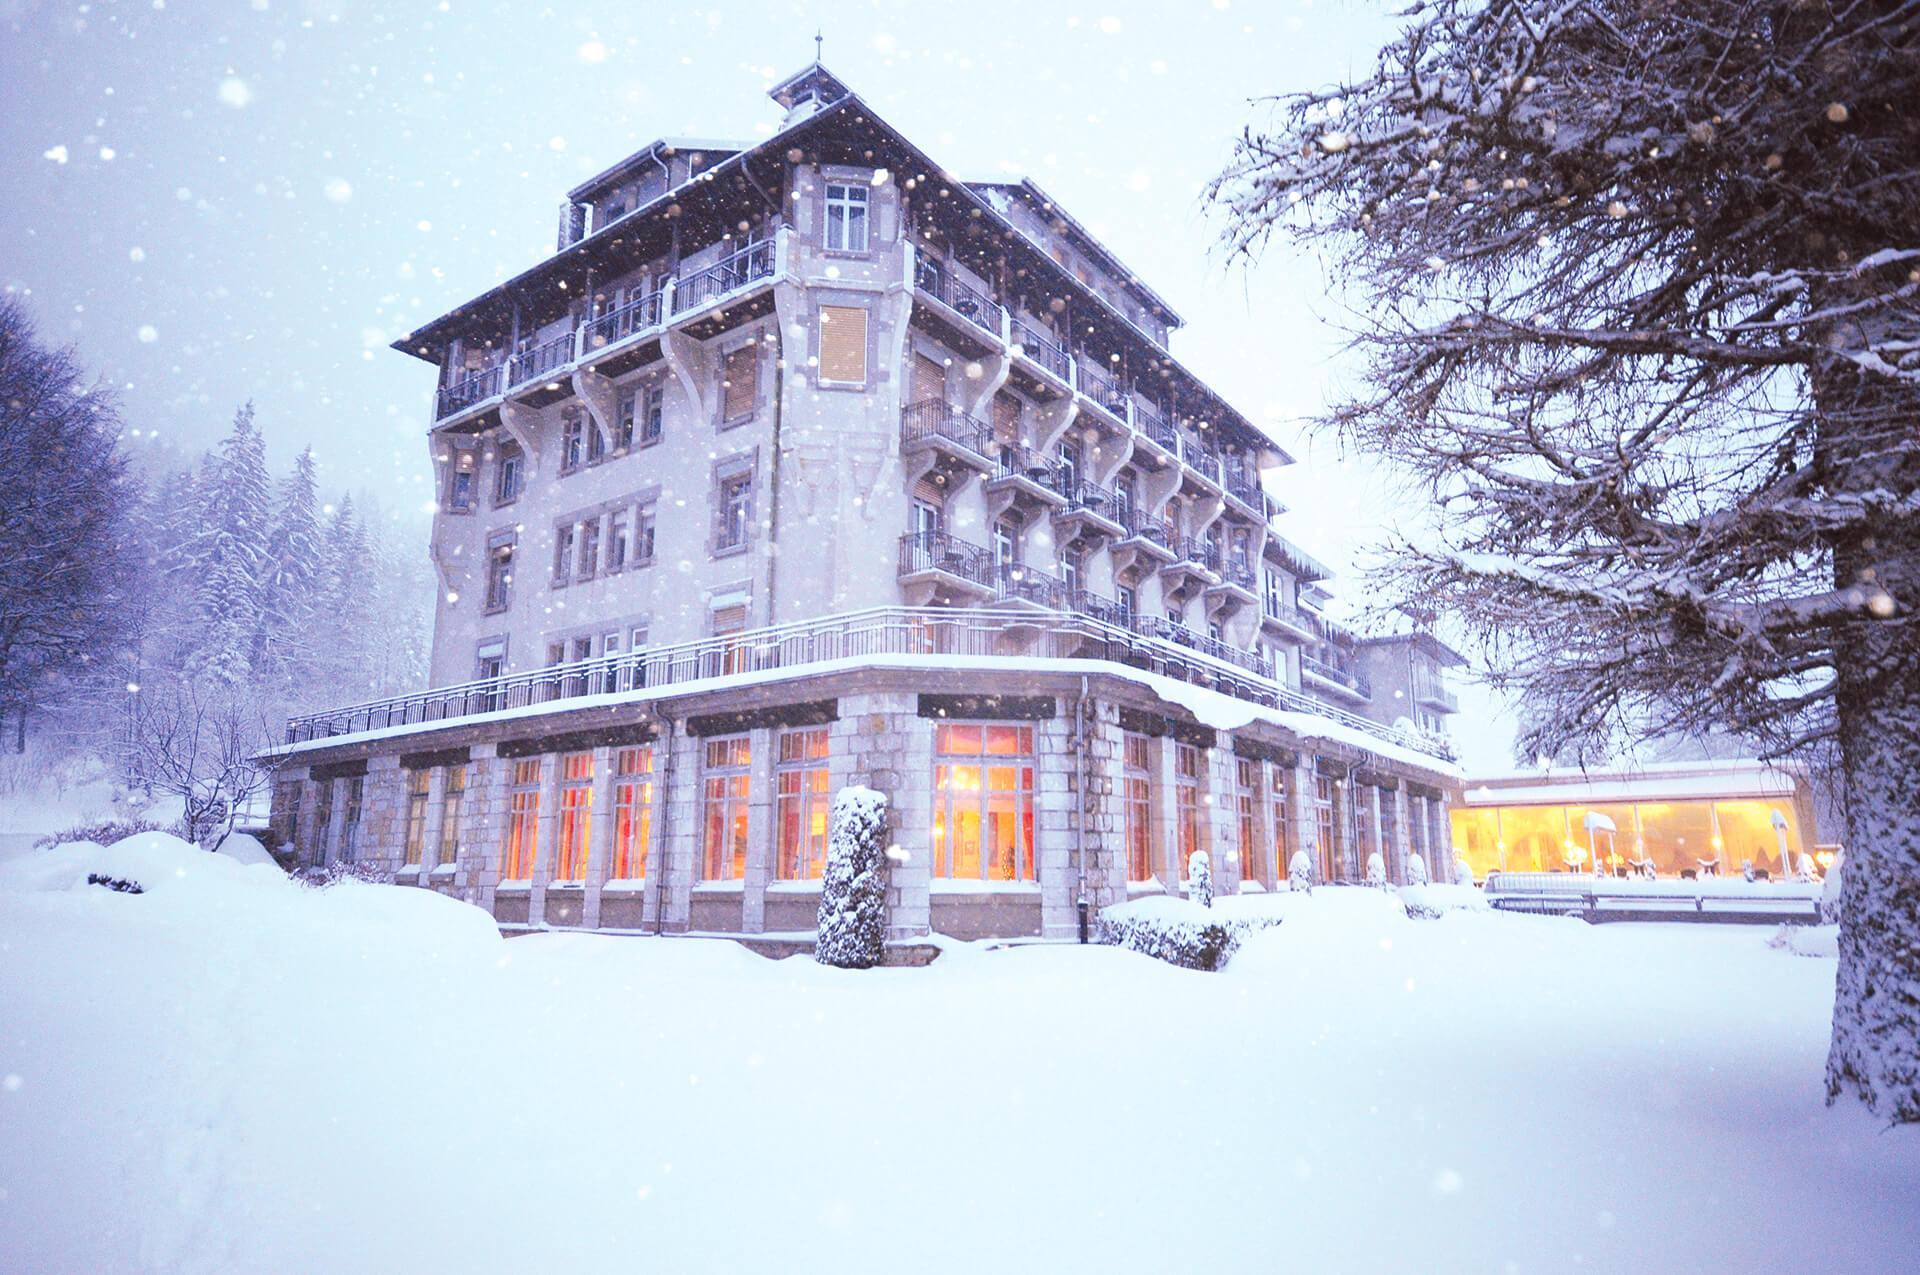 Grand-Hotel-des-Rasses-Batiment-Exterieur-Hiver